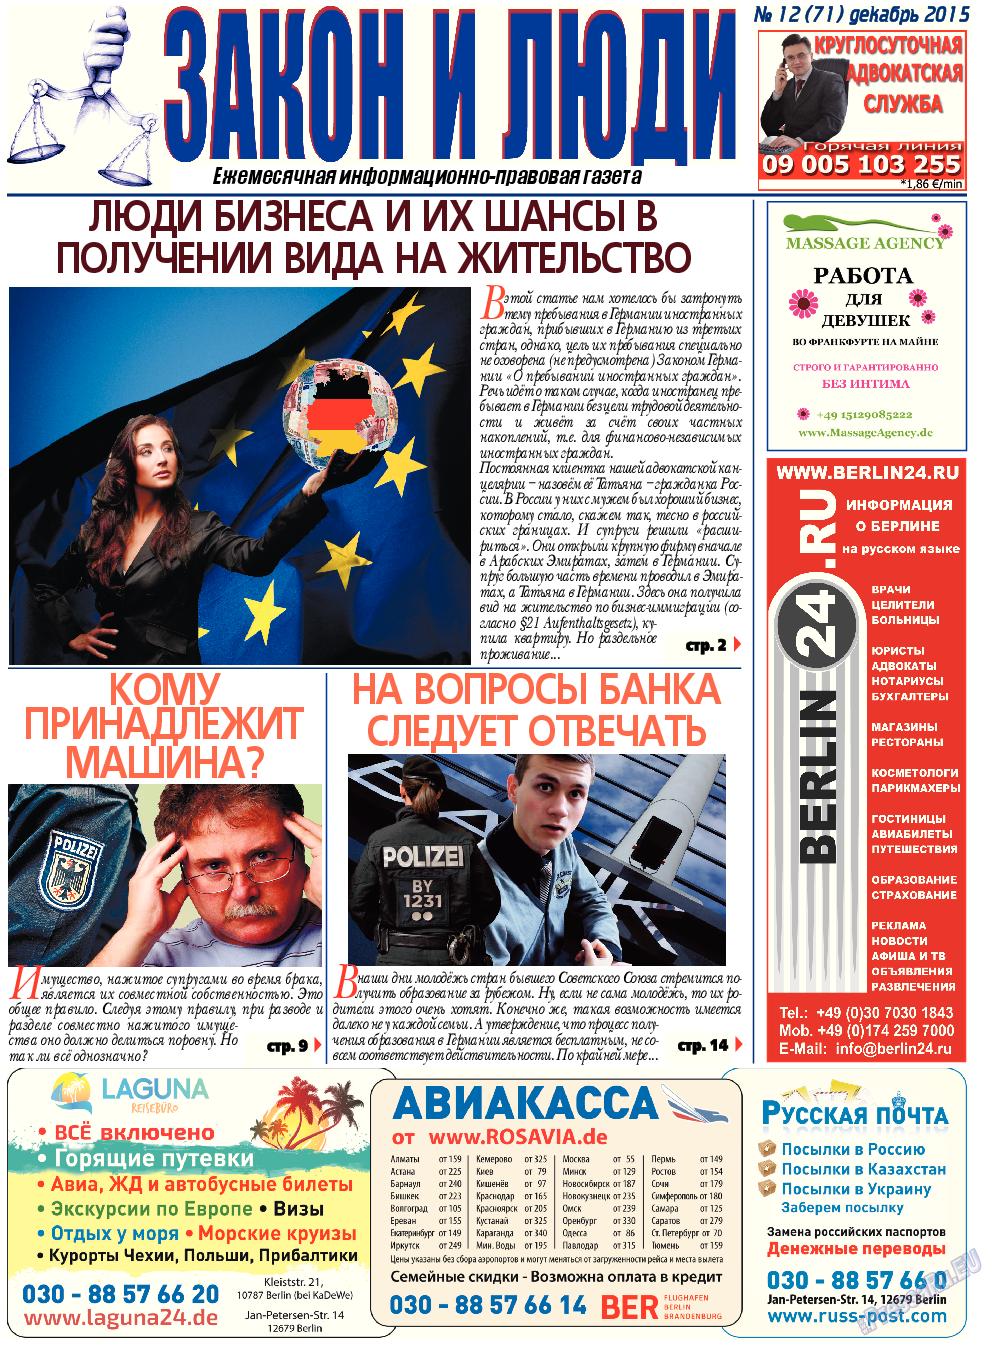 Закон и люди (газета). 2015 год, номер 12, стр. 1